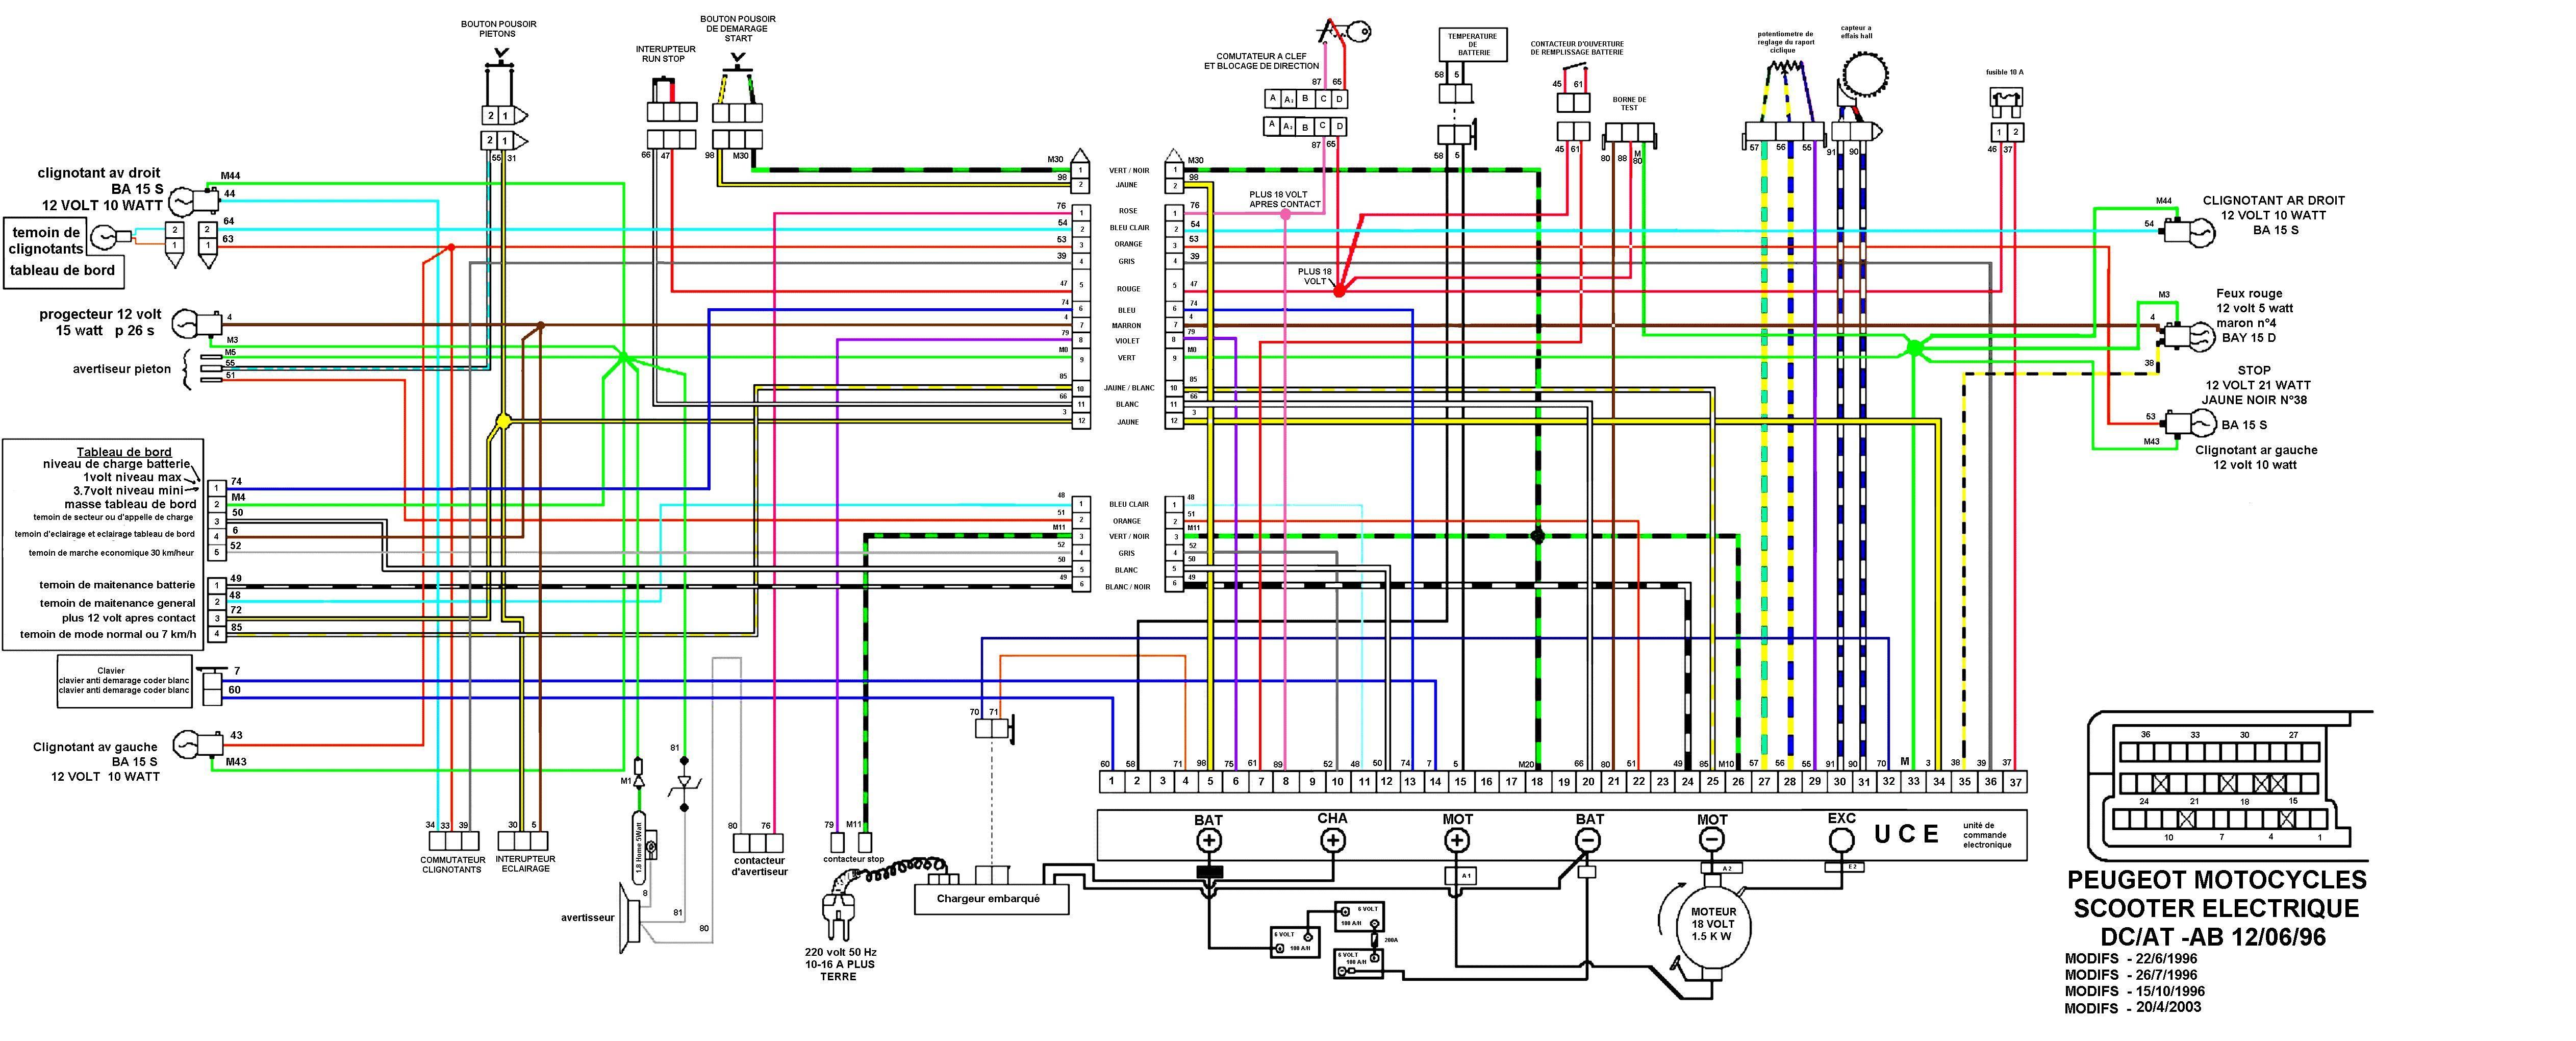 Peugeot Speedfight 2 — инструкция по ремонту и эксплуатации скутера (в виде схемы)